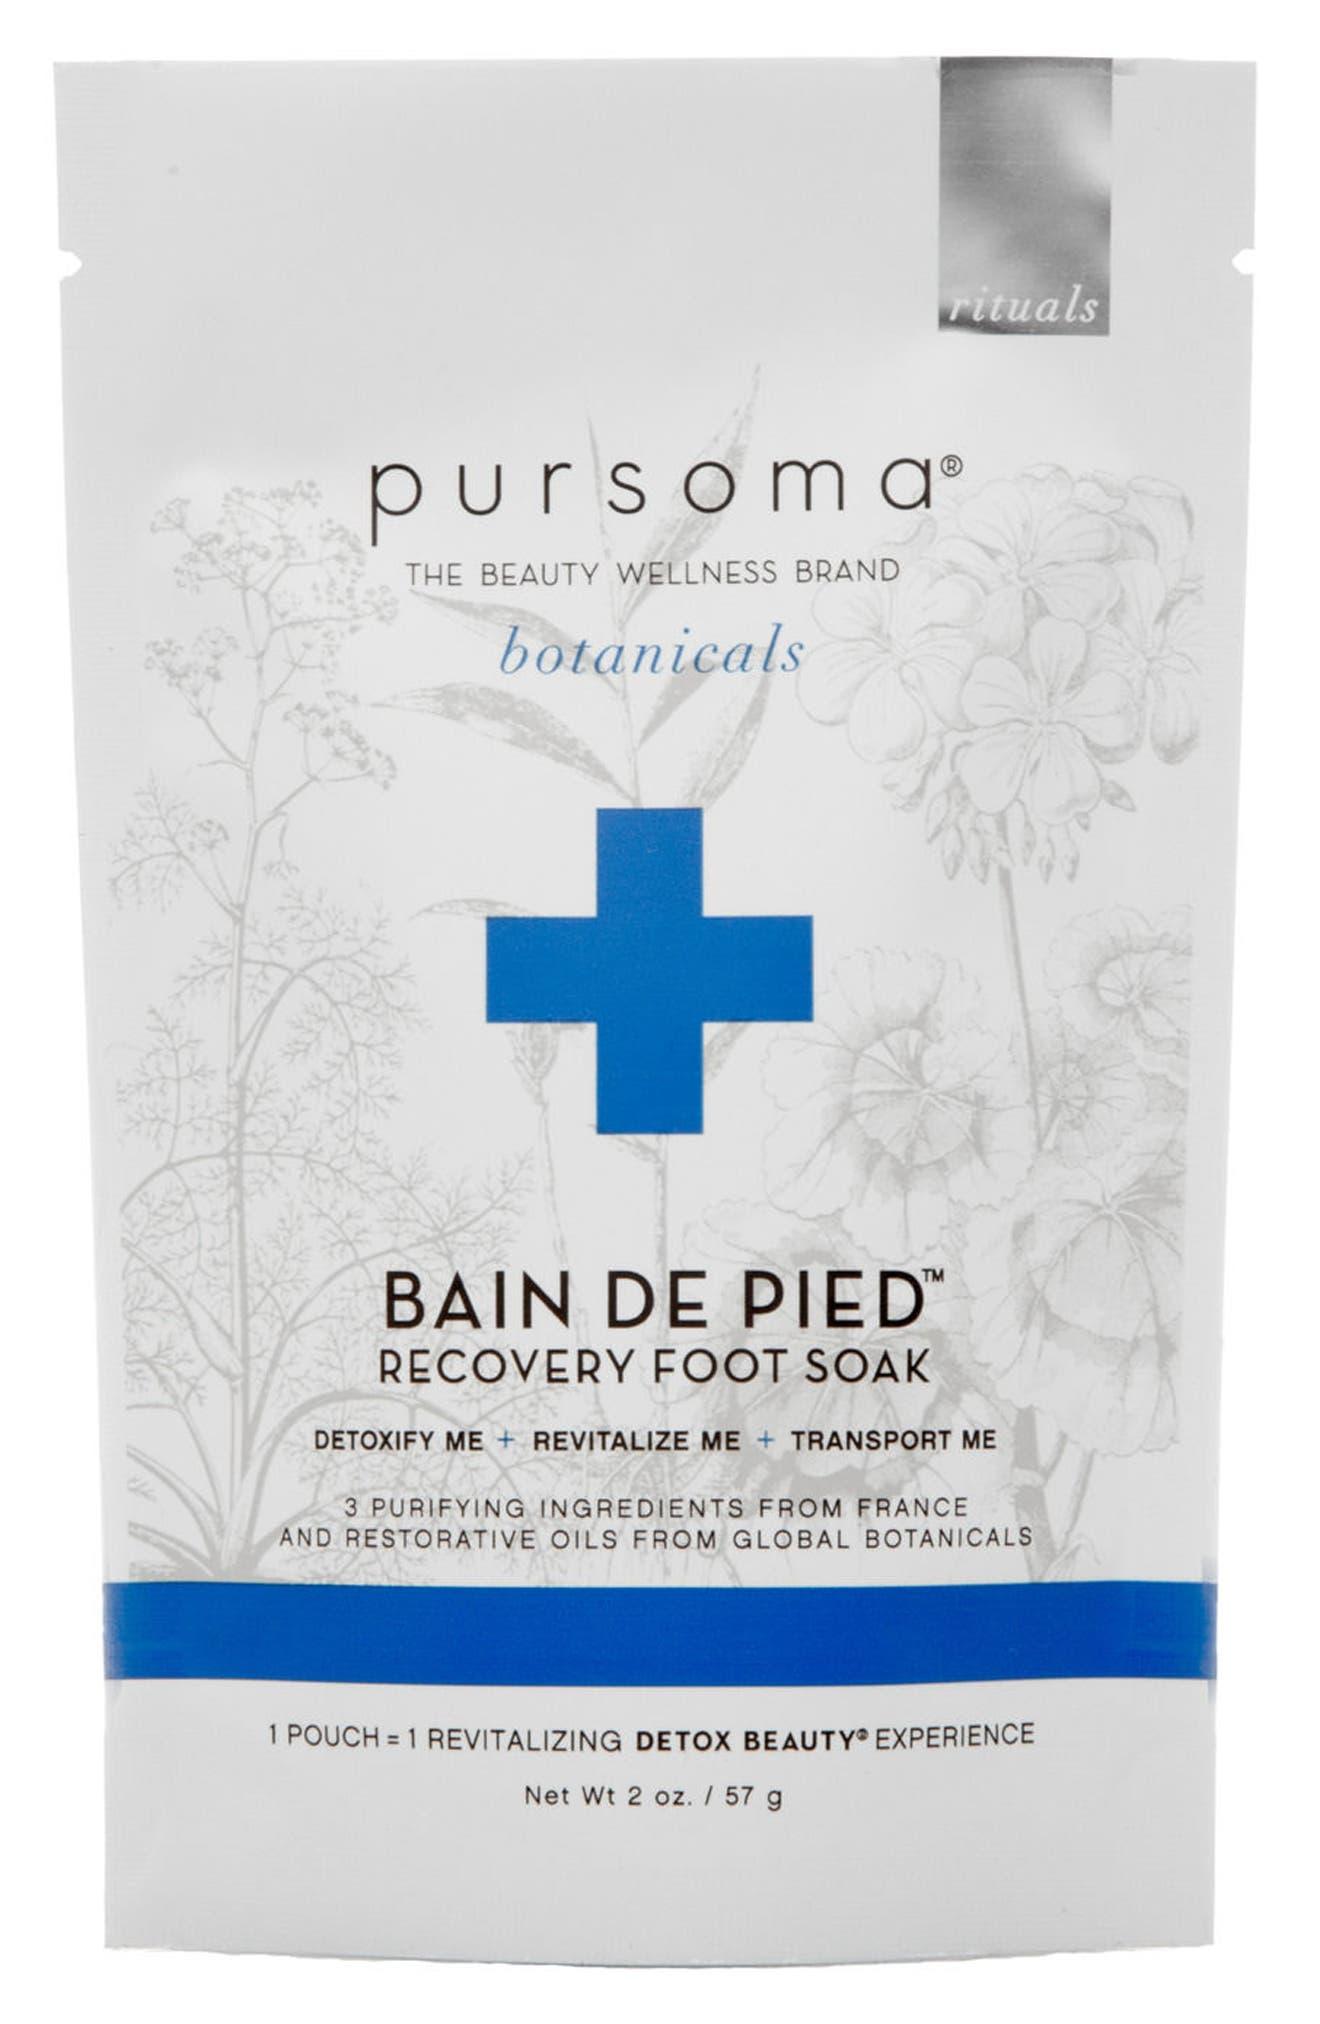 Bain De Pied Foot Soak